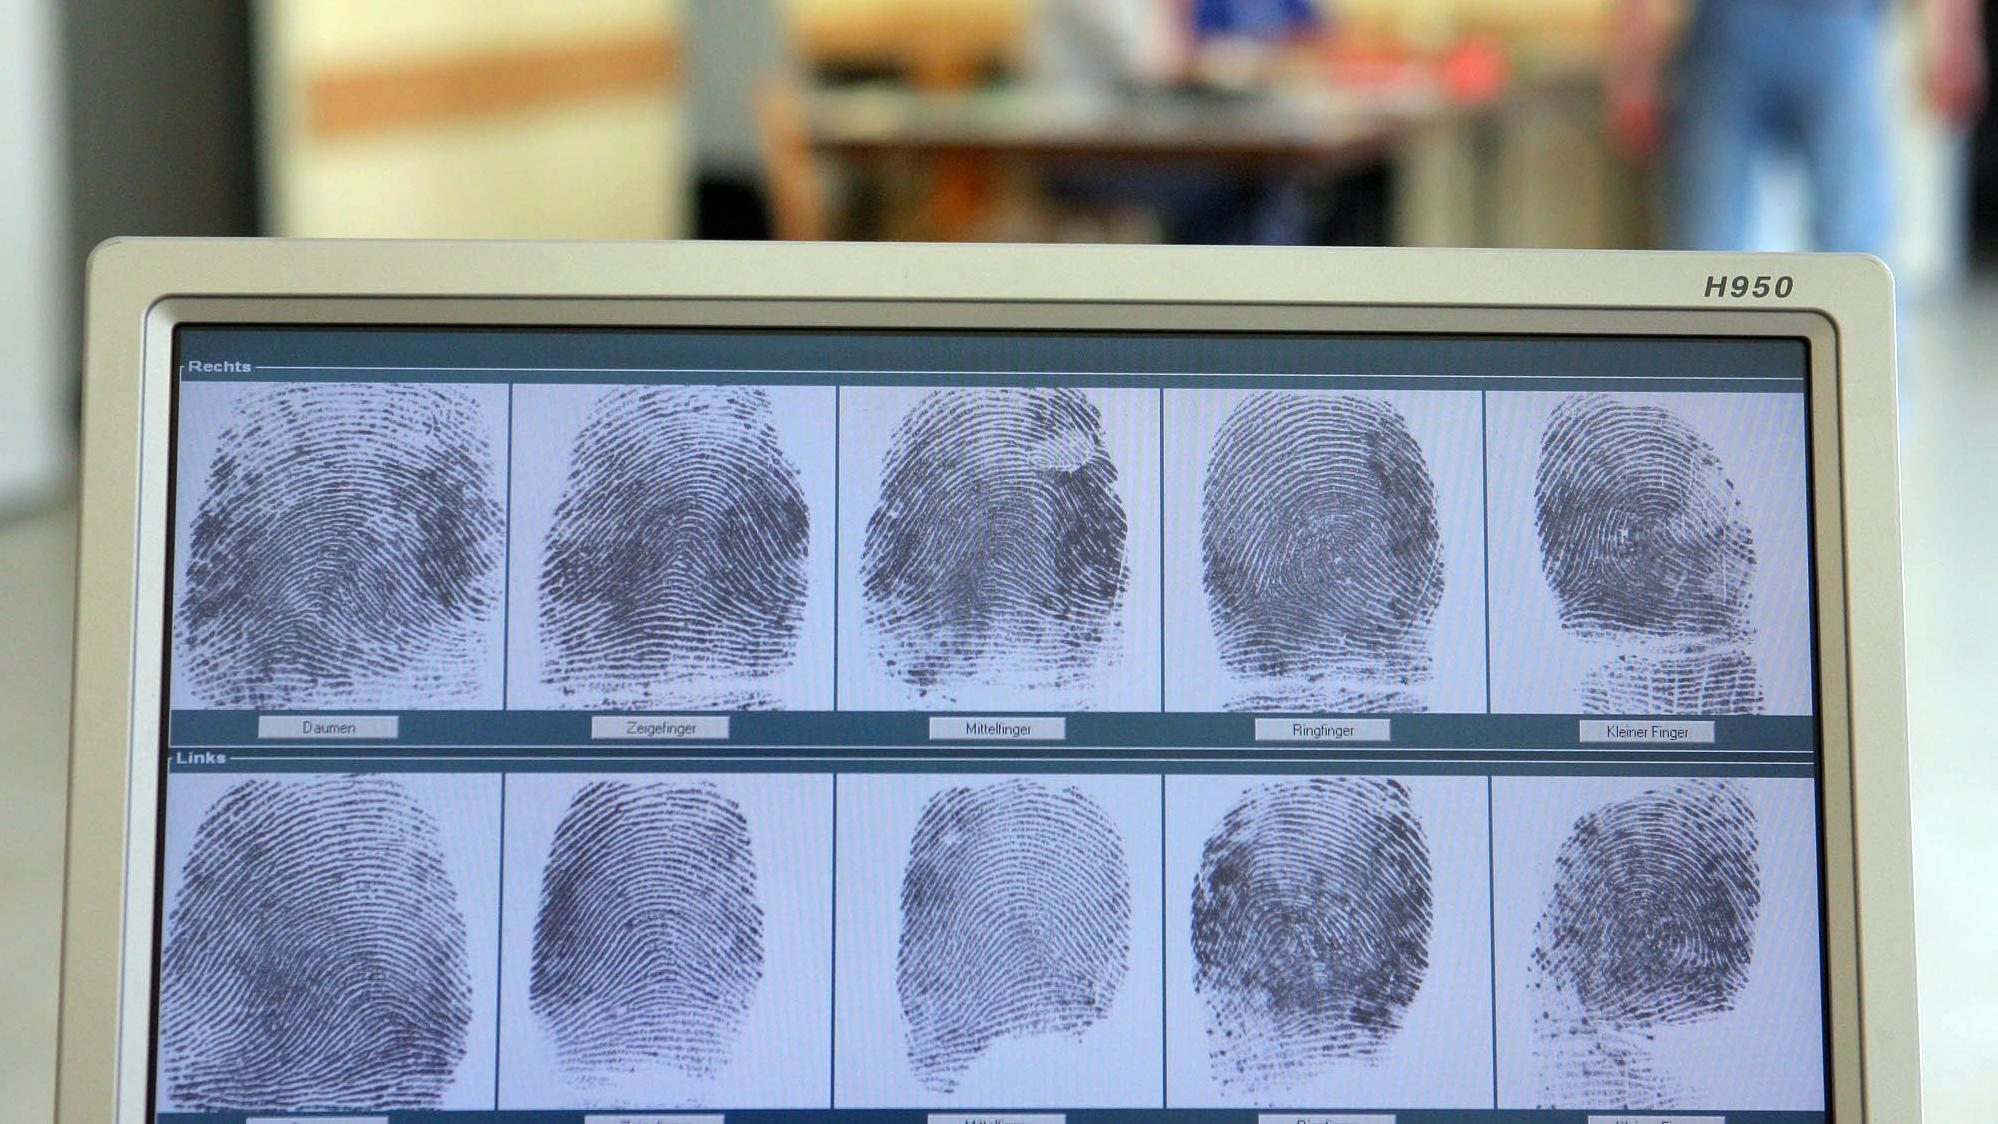 Fingerabdrücke auf einem Bildschirm